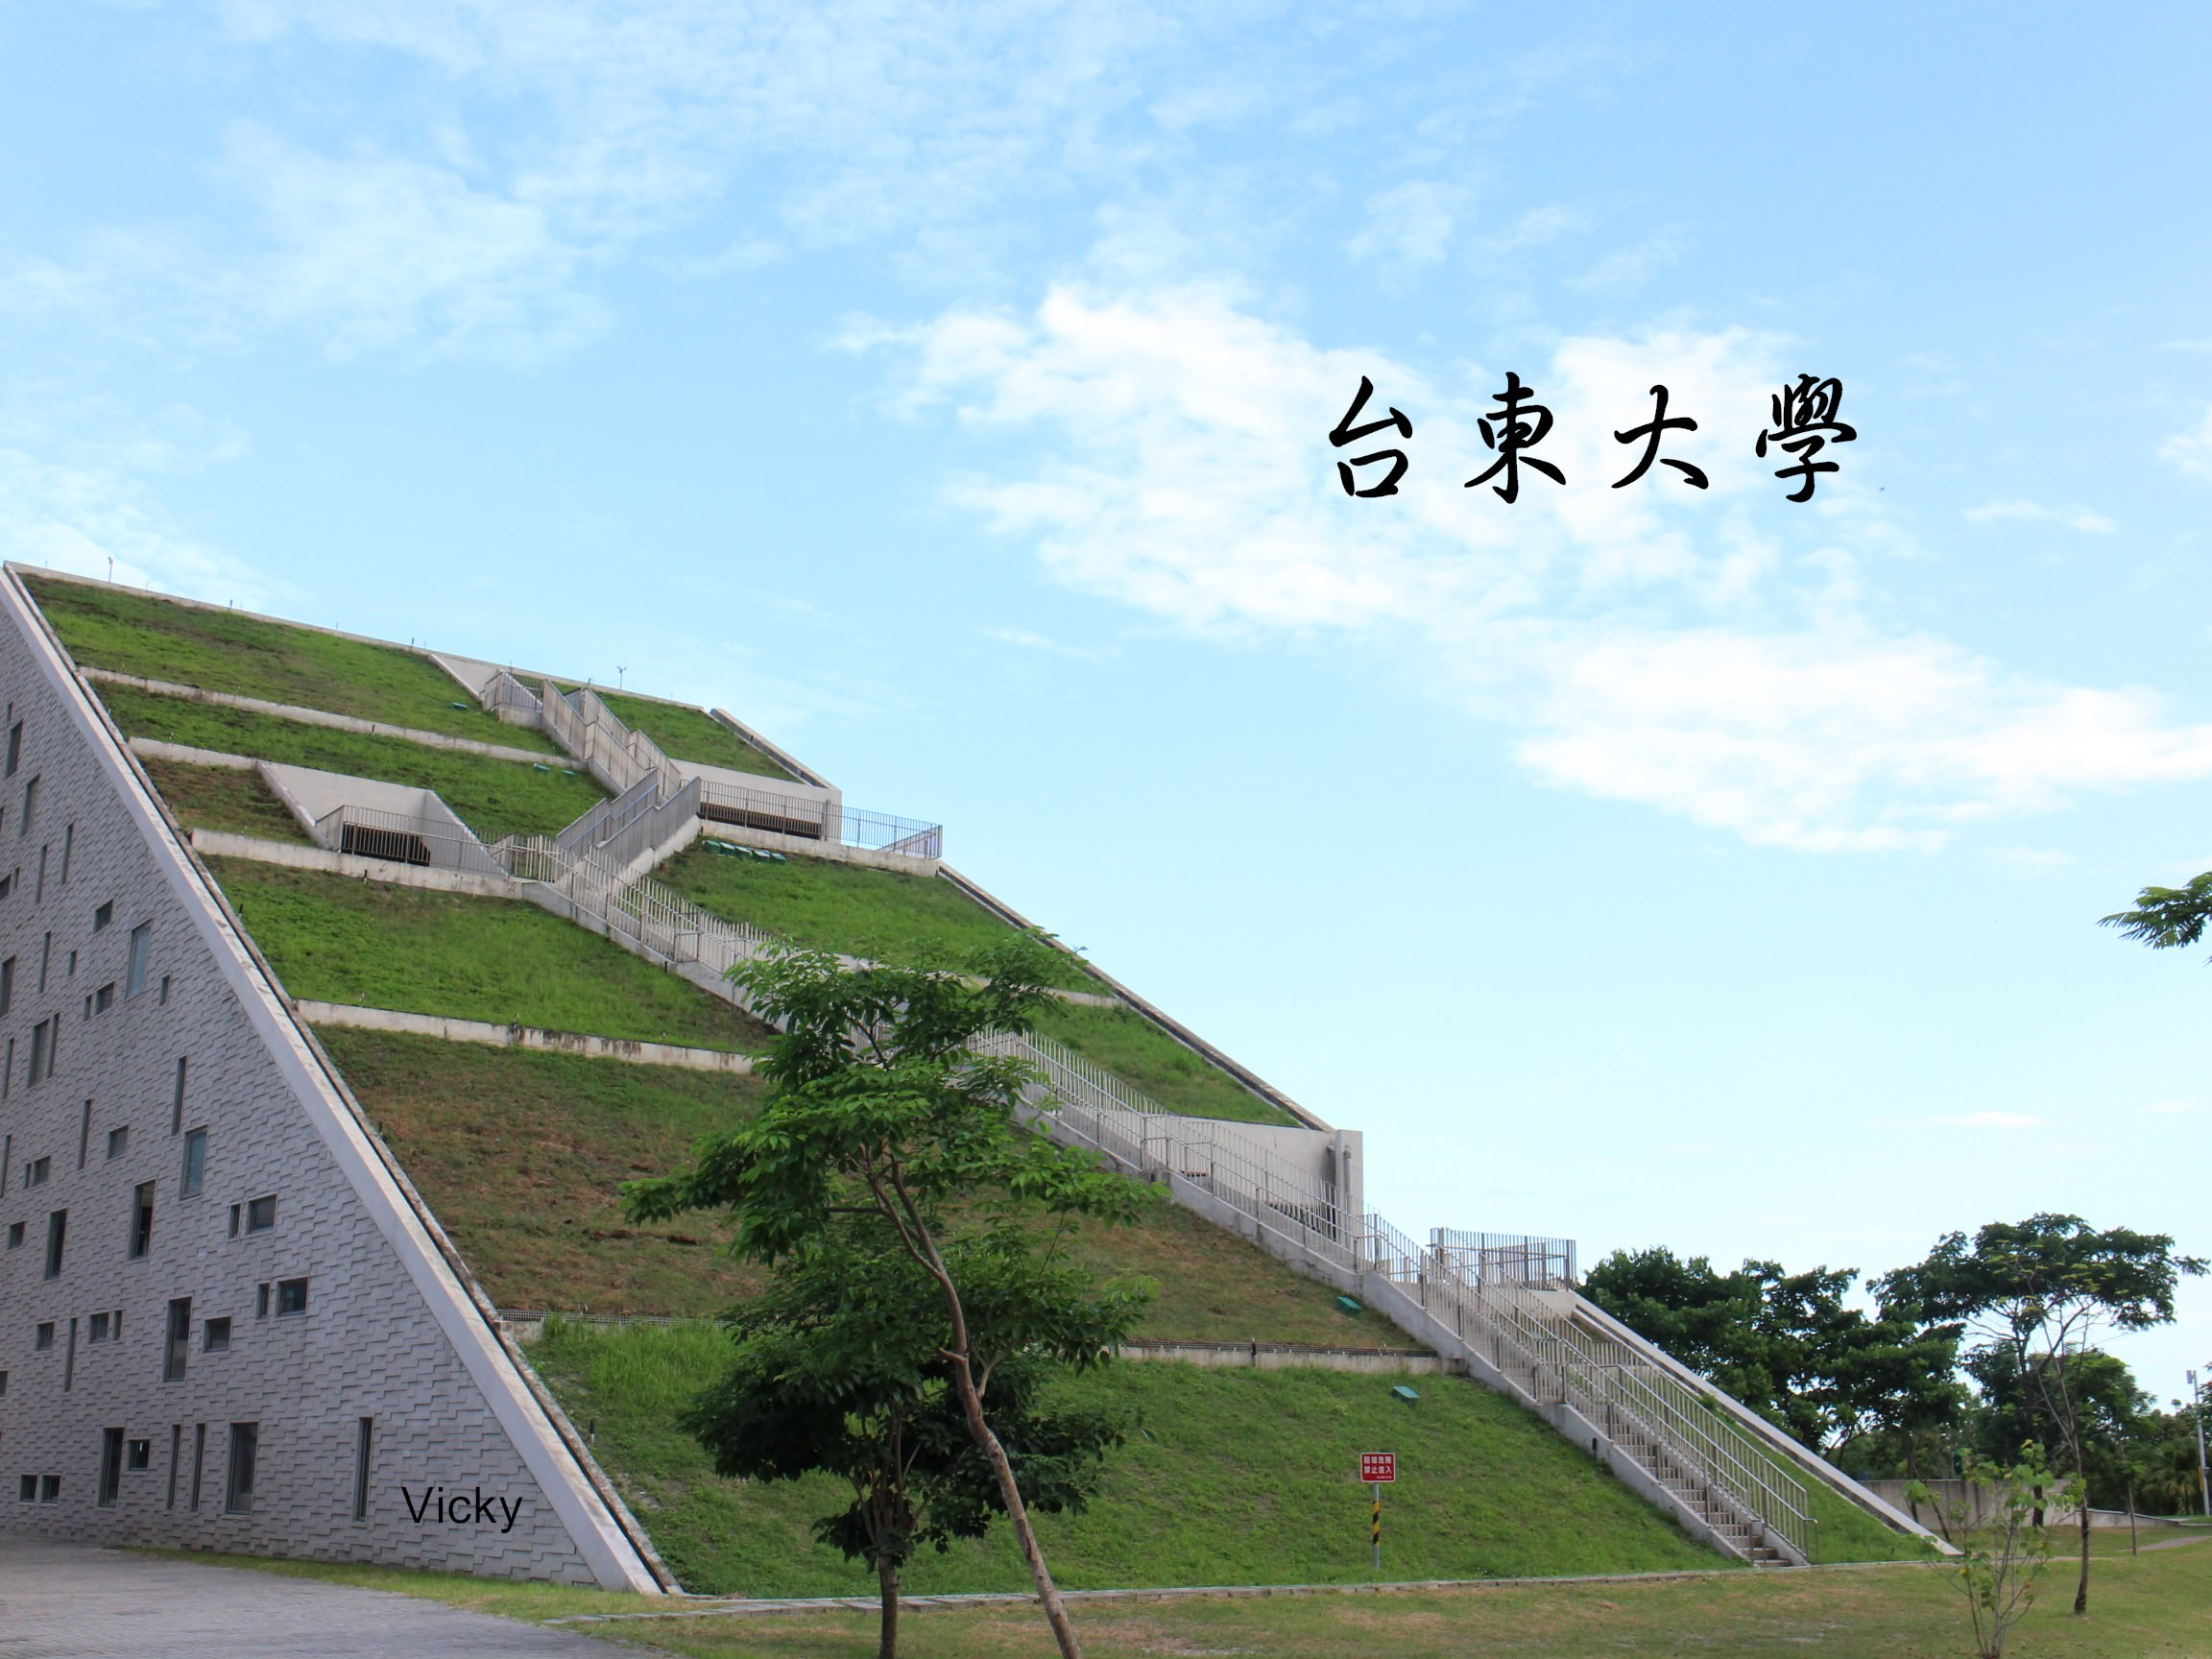 台東大學圖資館:看山不是山,看水澄如鏡,此館獲得國際網站列為全球8座獨特圖書館之一